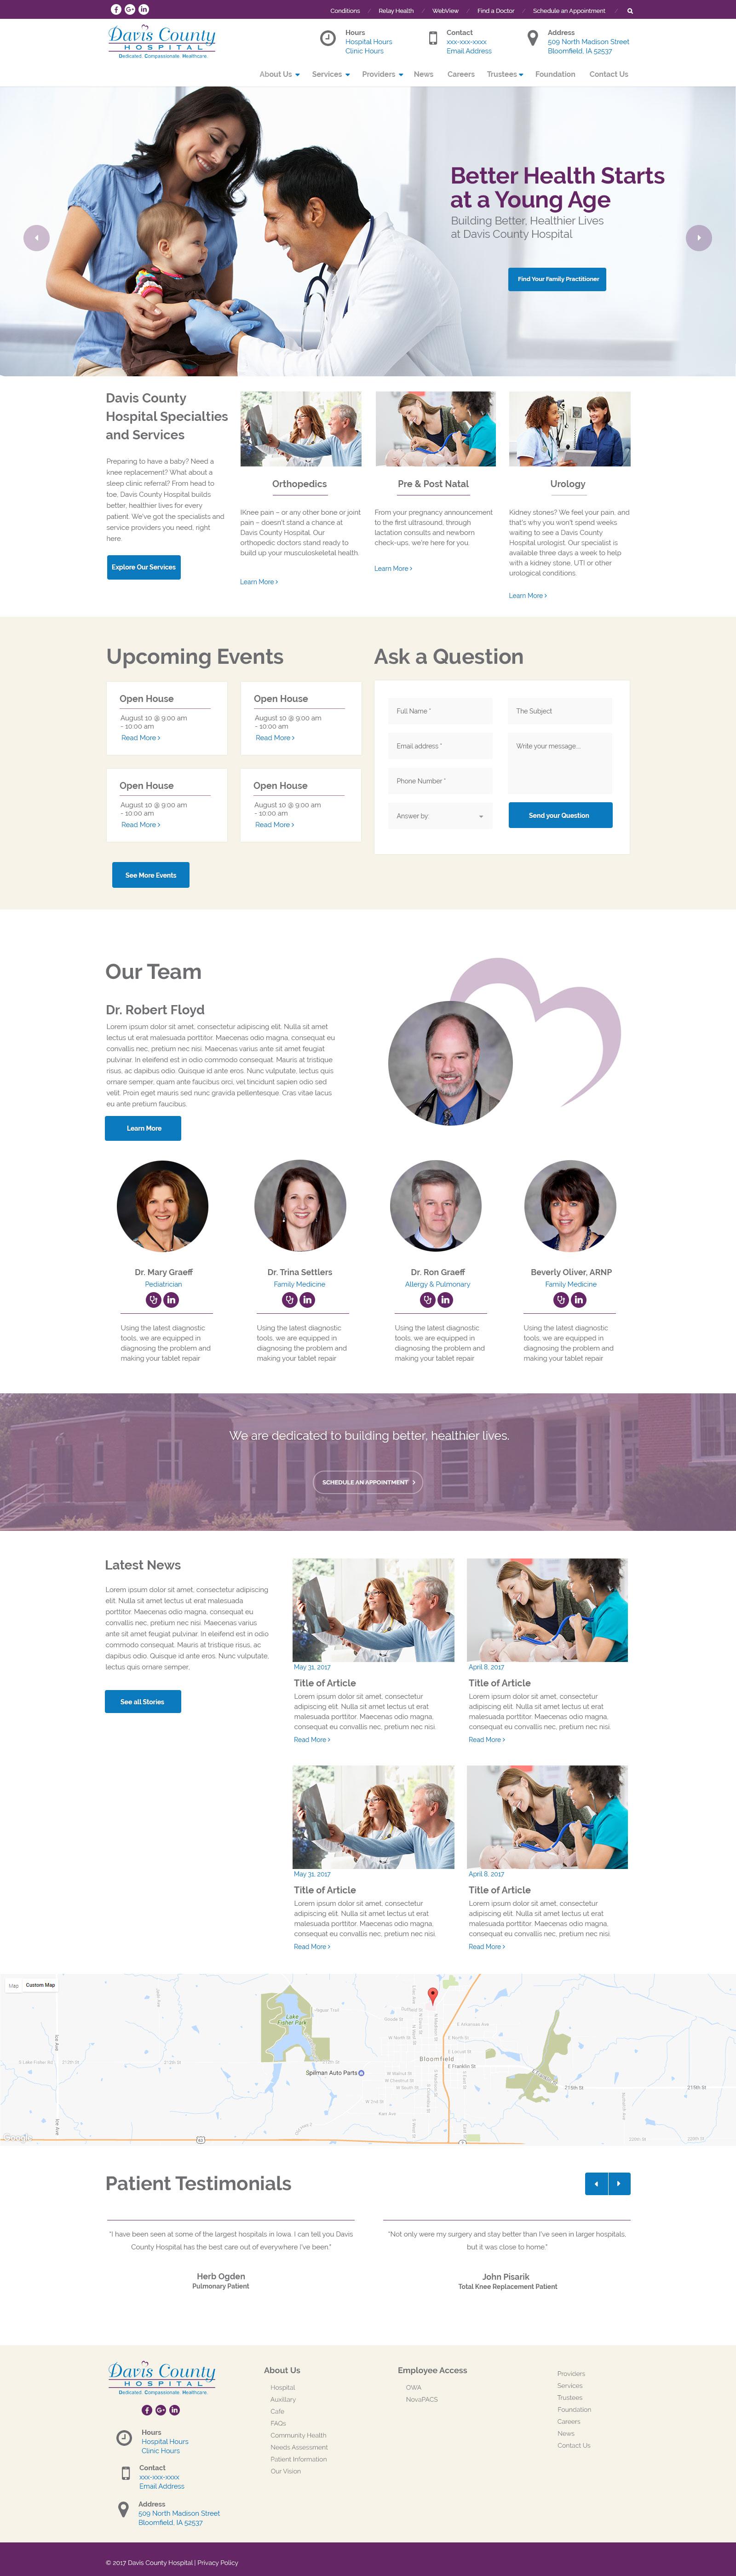 Davis County Hospital - Design #1